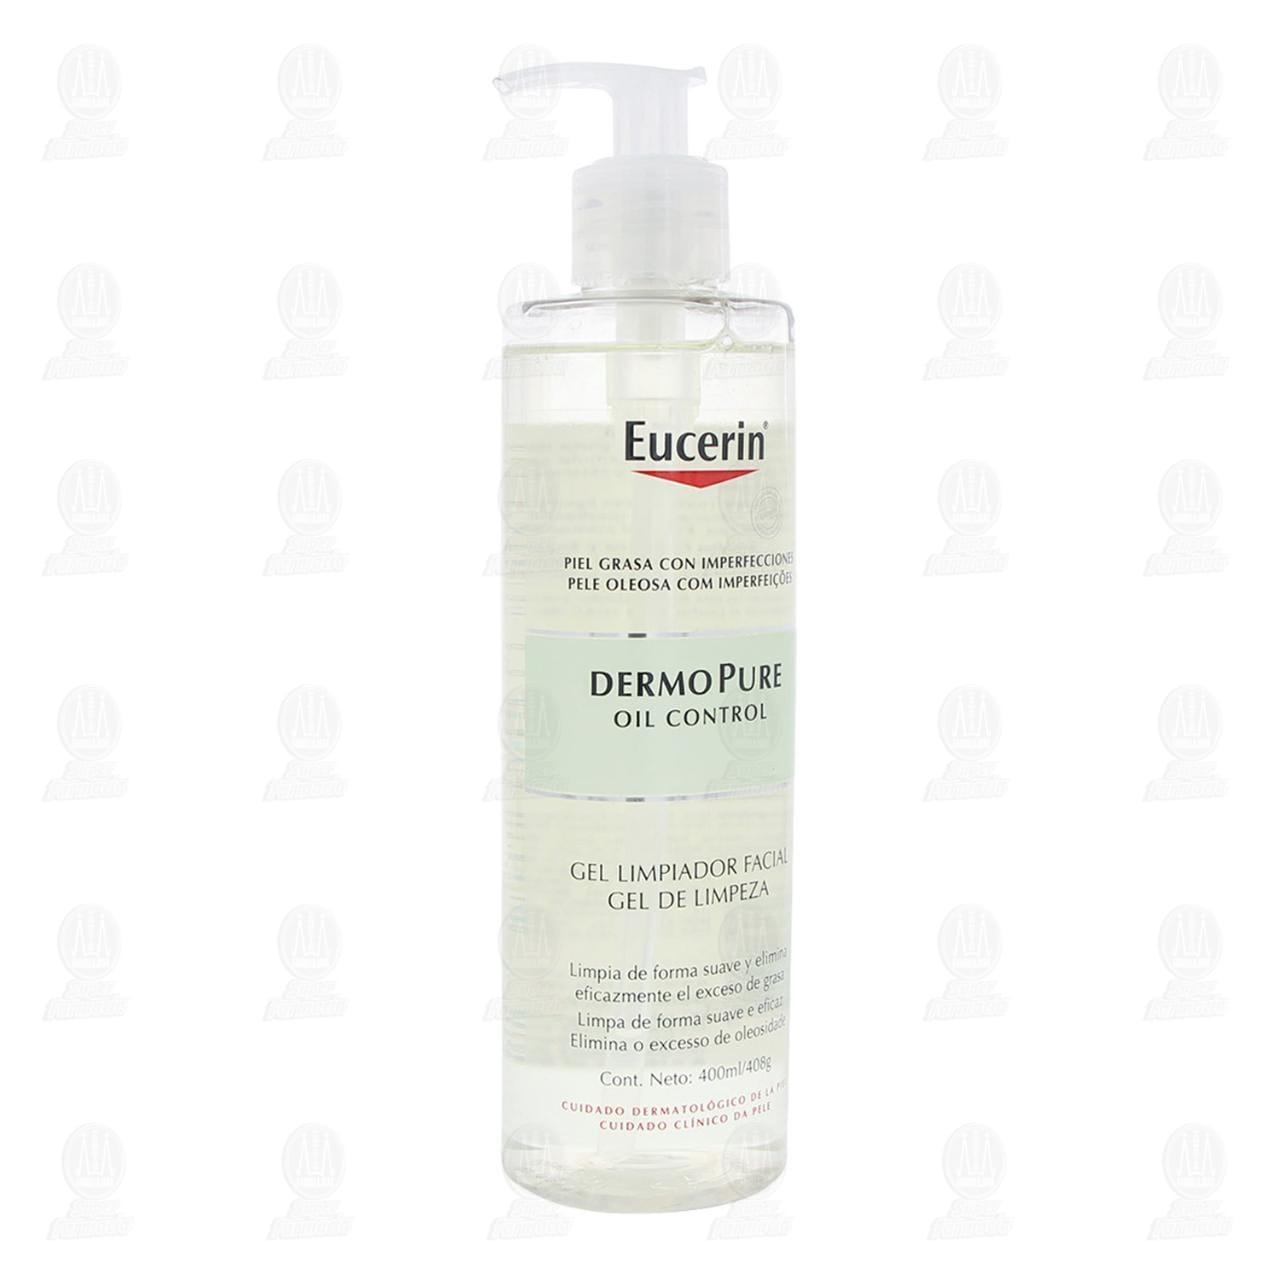 Comprar Eucerin DermoPure Gel Facial Limpiador Anti Imperfecciones, 400ml. en Farmacias Guadalajara